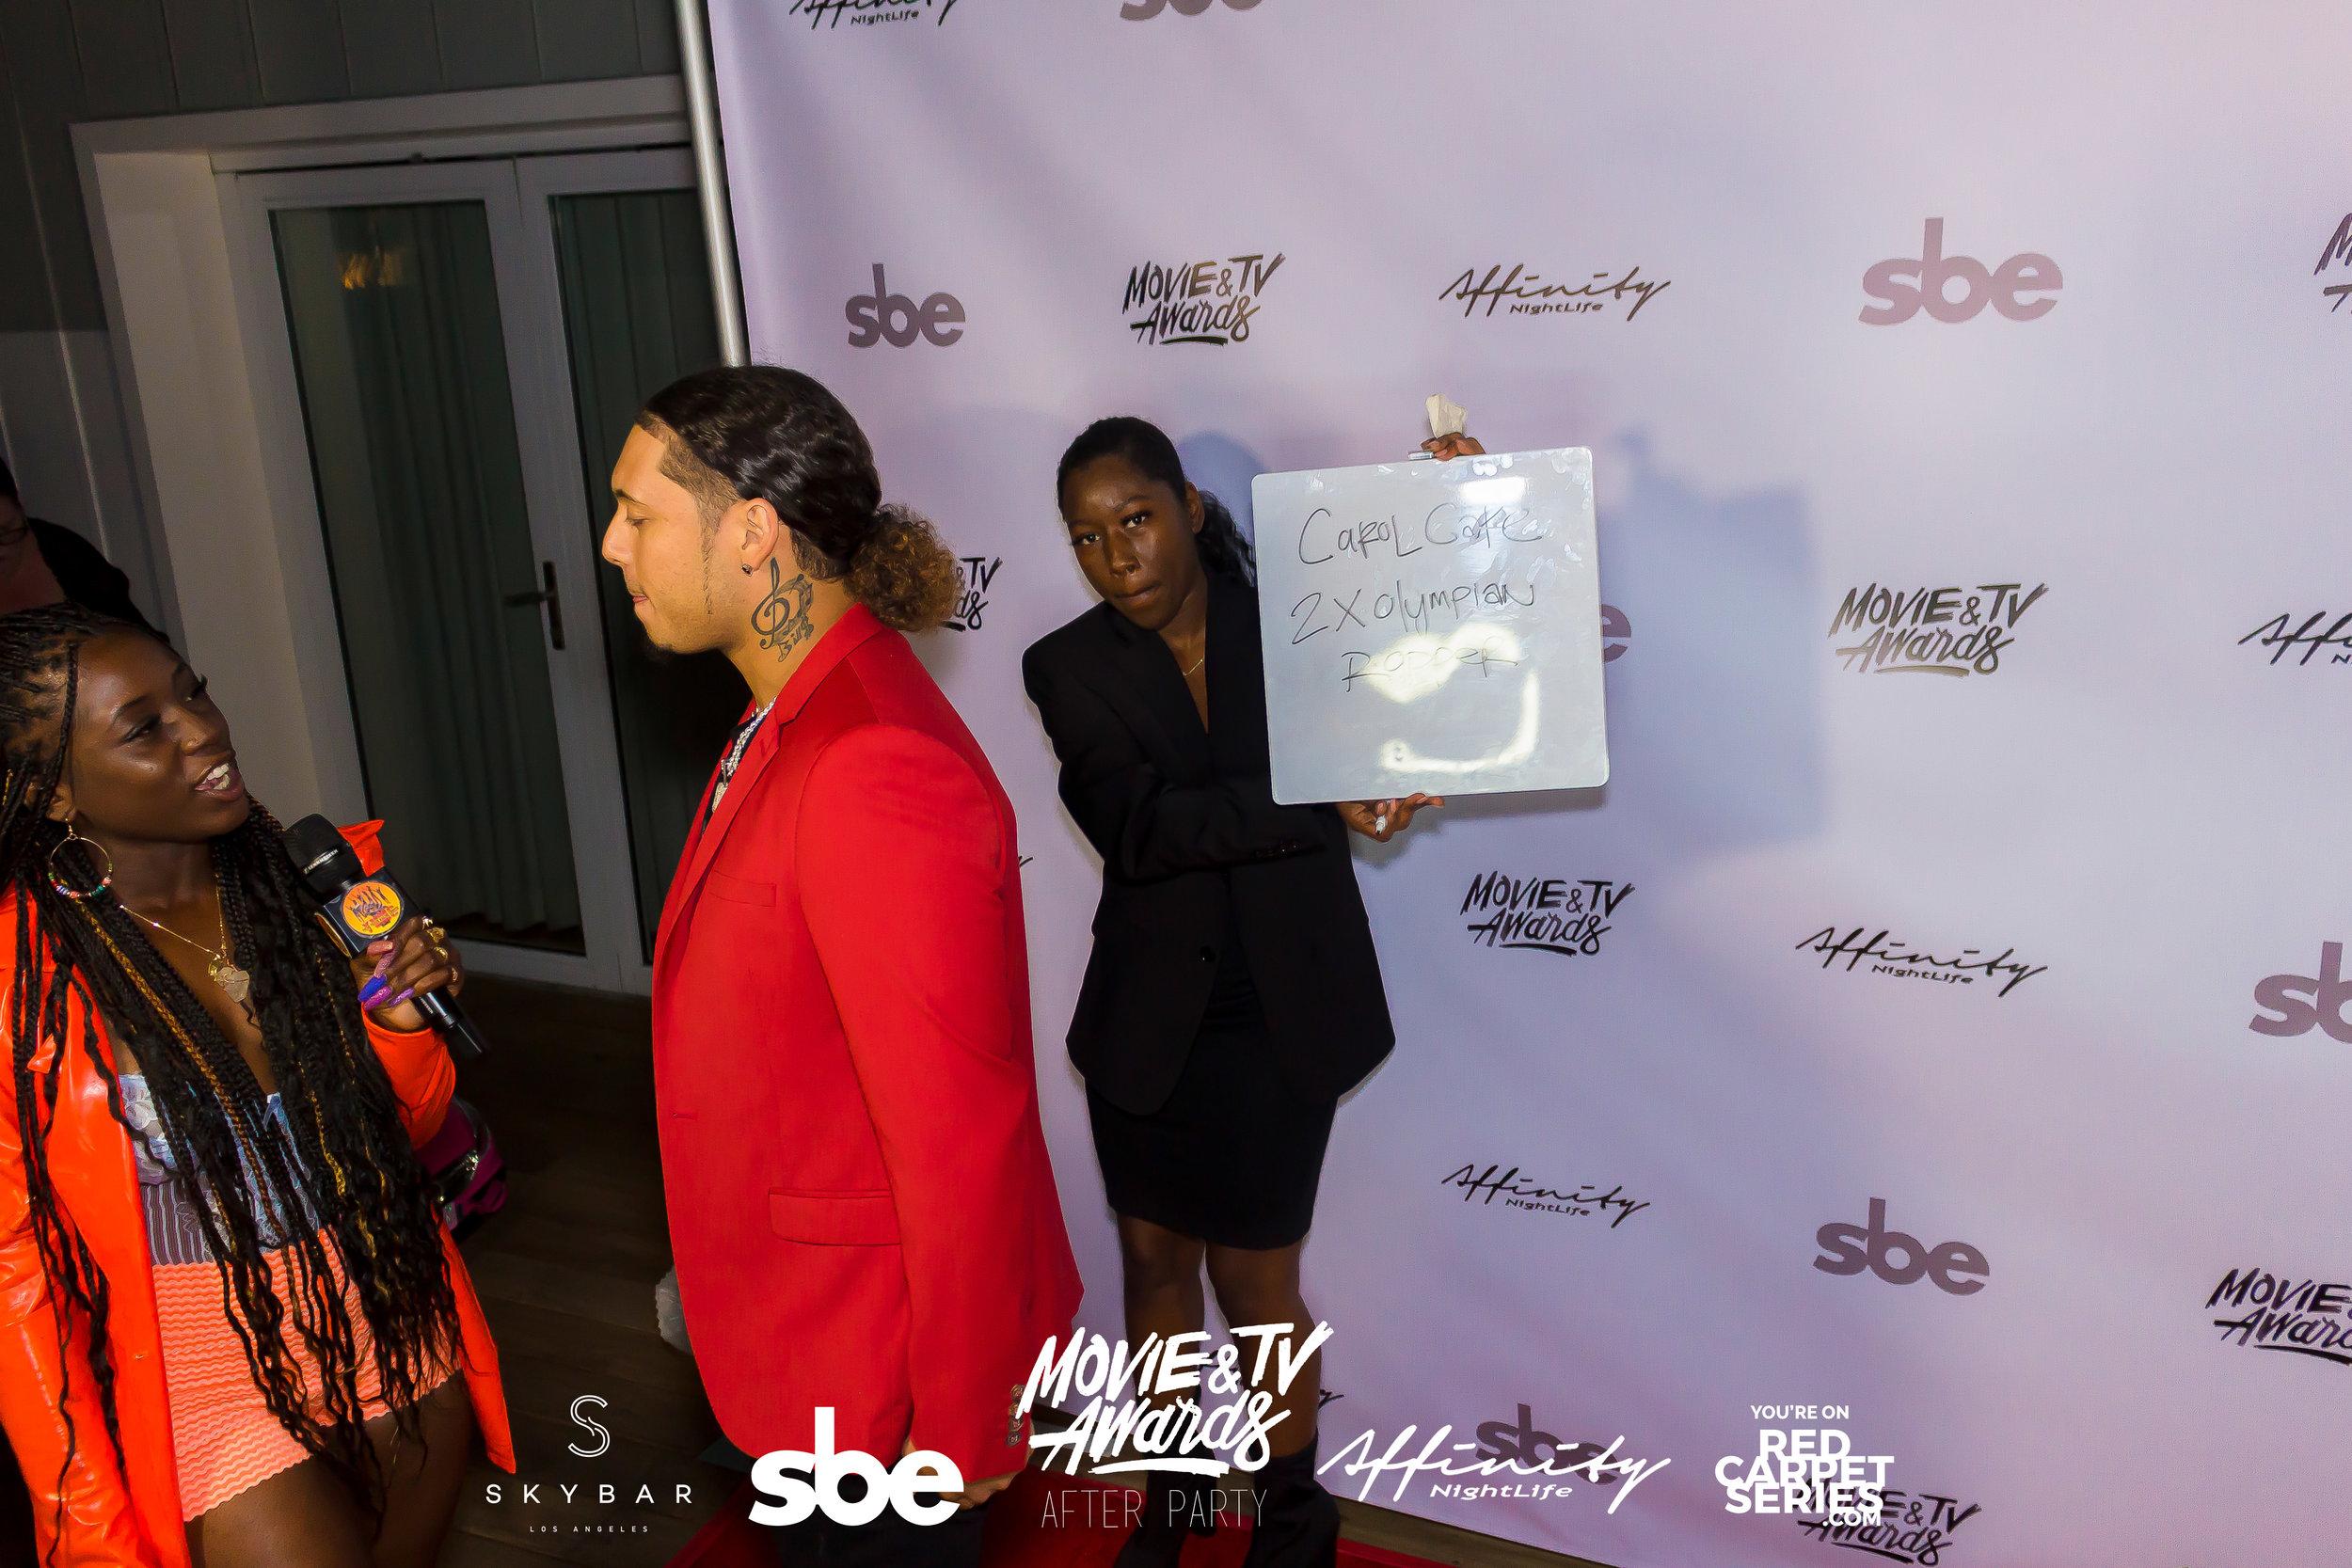 Affinity Nightlife MTV Movie & TV Awards After Party - Skybar at Mondrian - 06-15-19 - Vol. 1_58.jpg